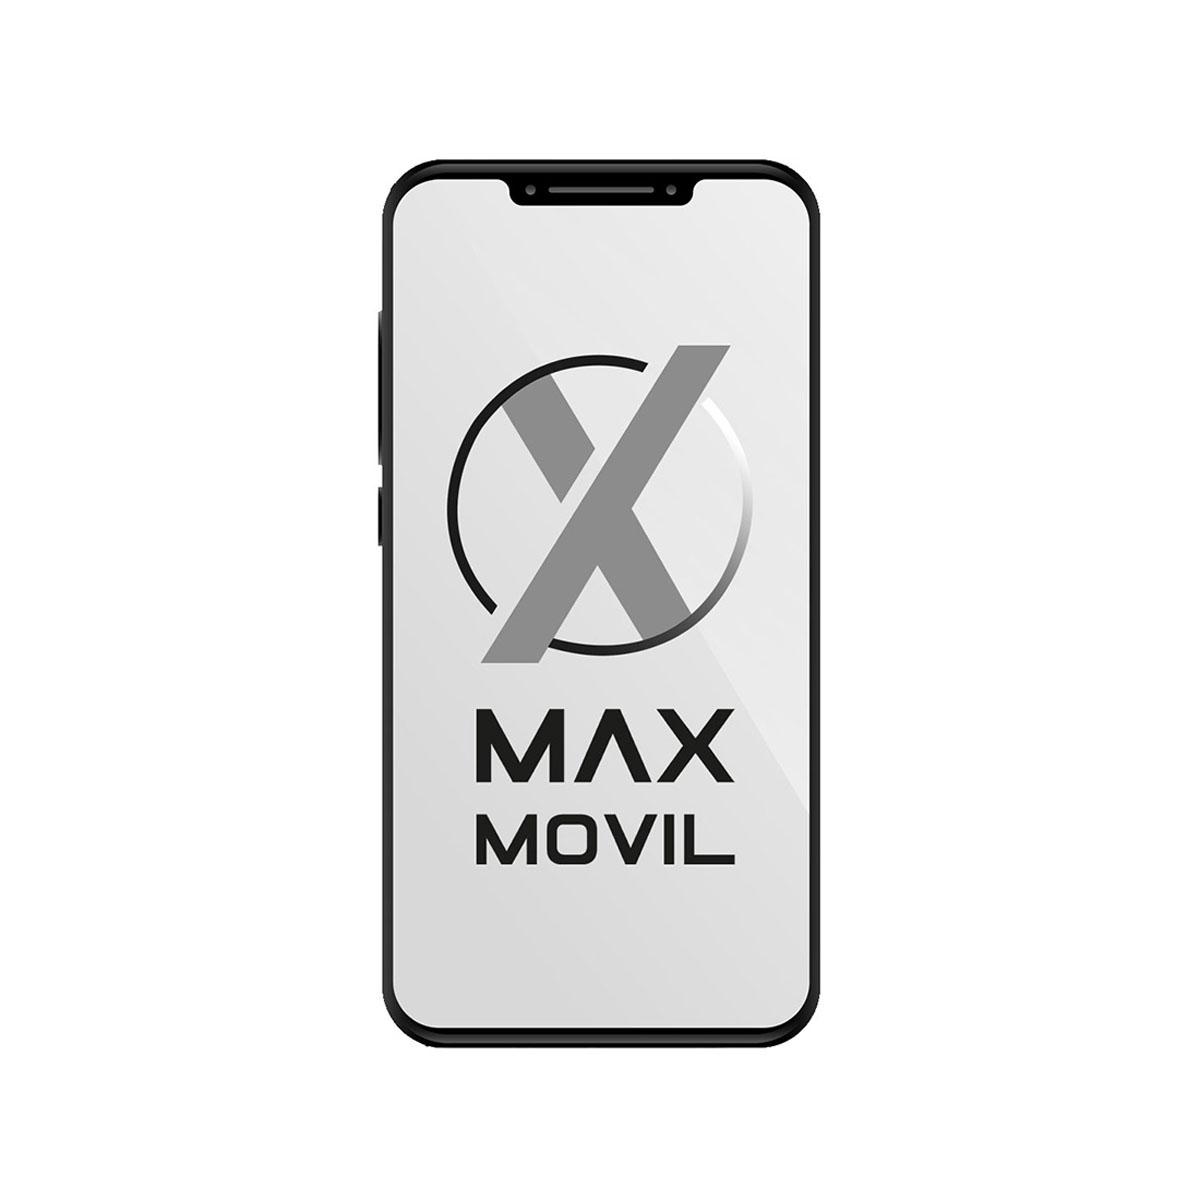 Soporte para coche Motorola ASMXT890CARDOCK